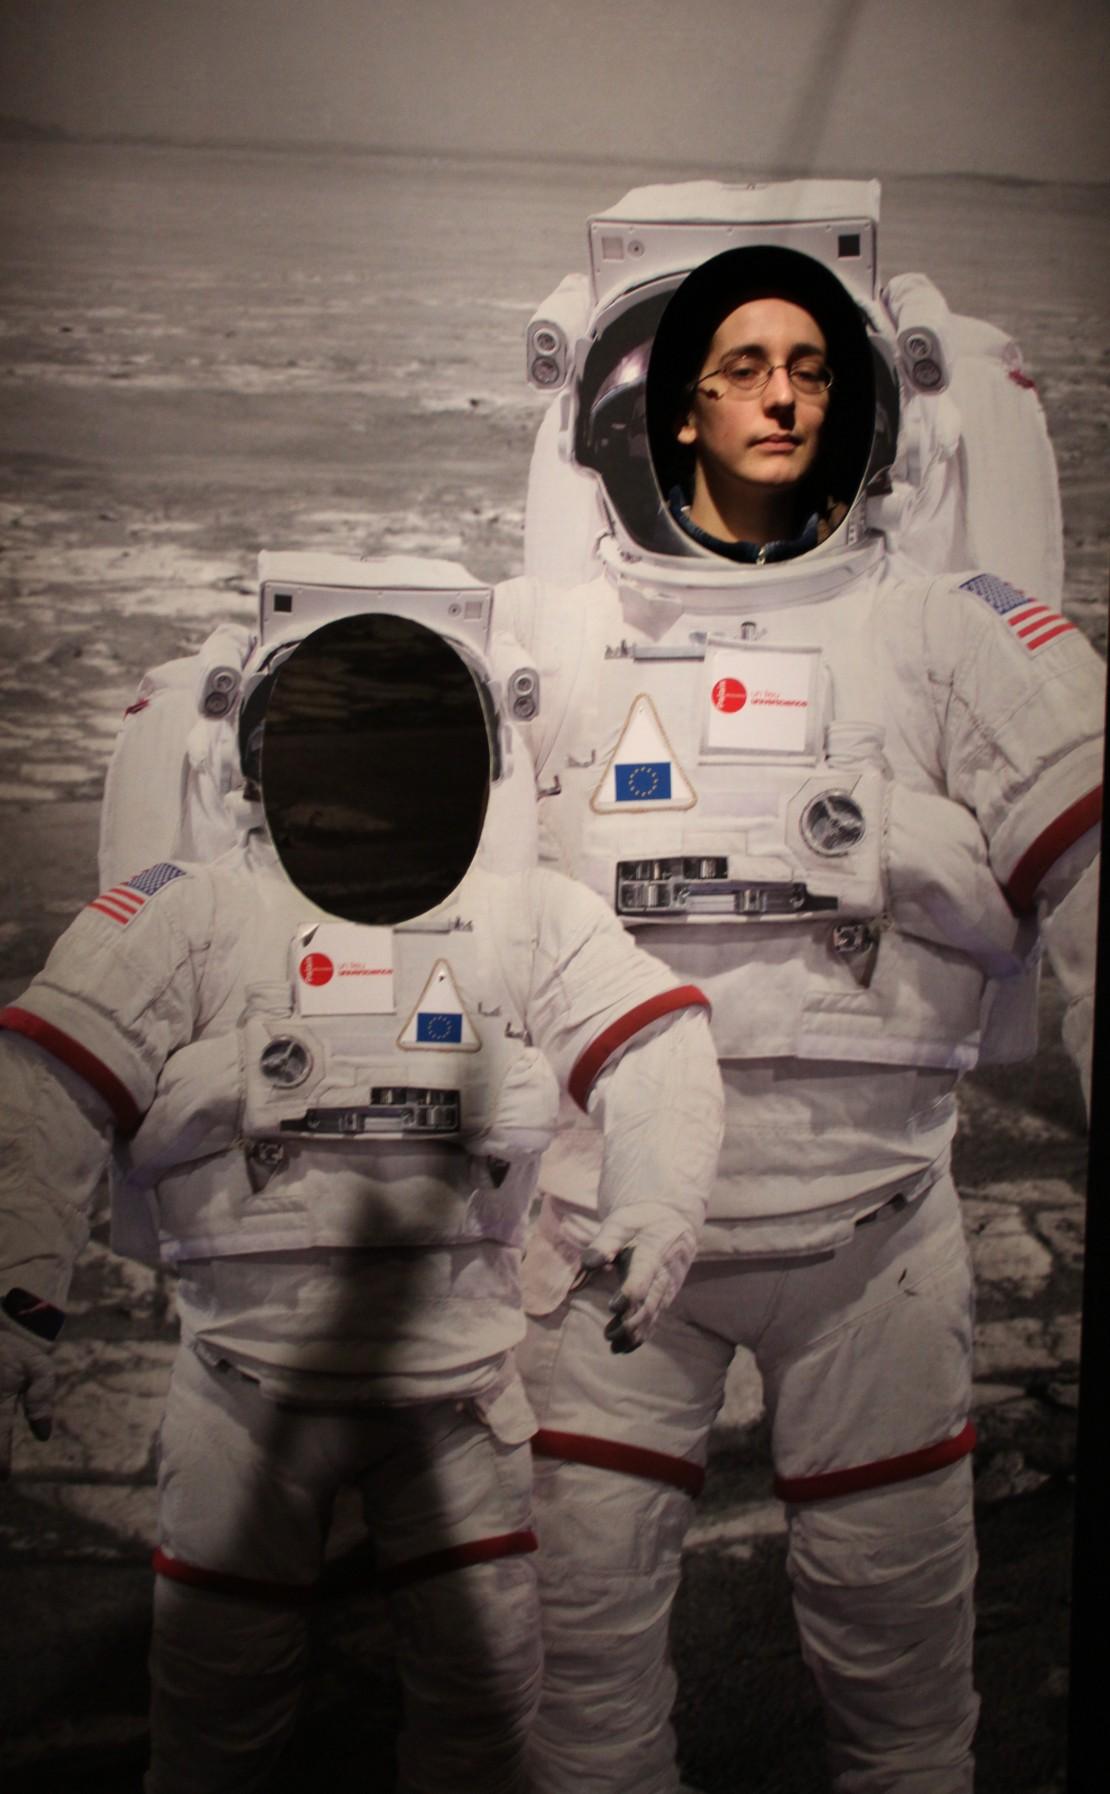 16 02 18 - 15h 59m 06s - Explorez Mars Palais de la Découverte r